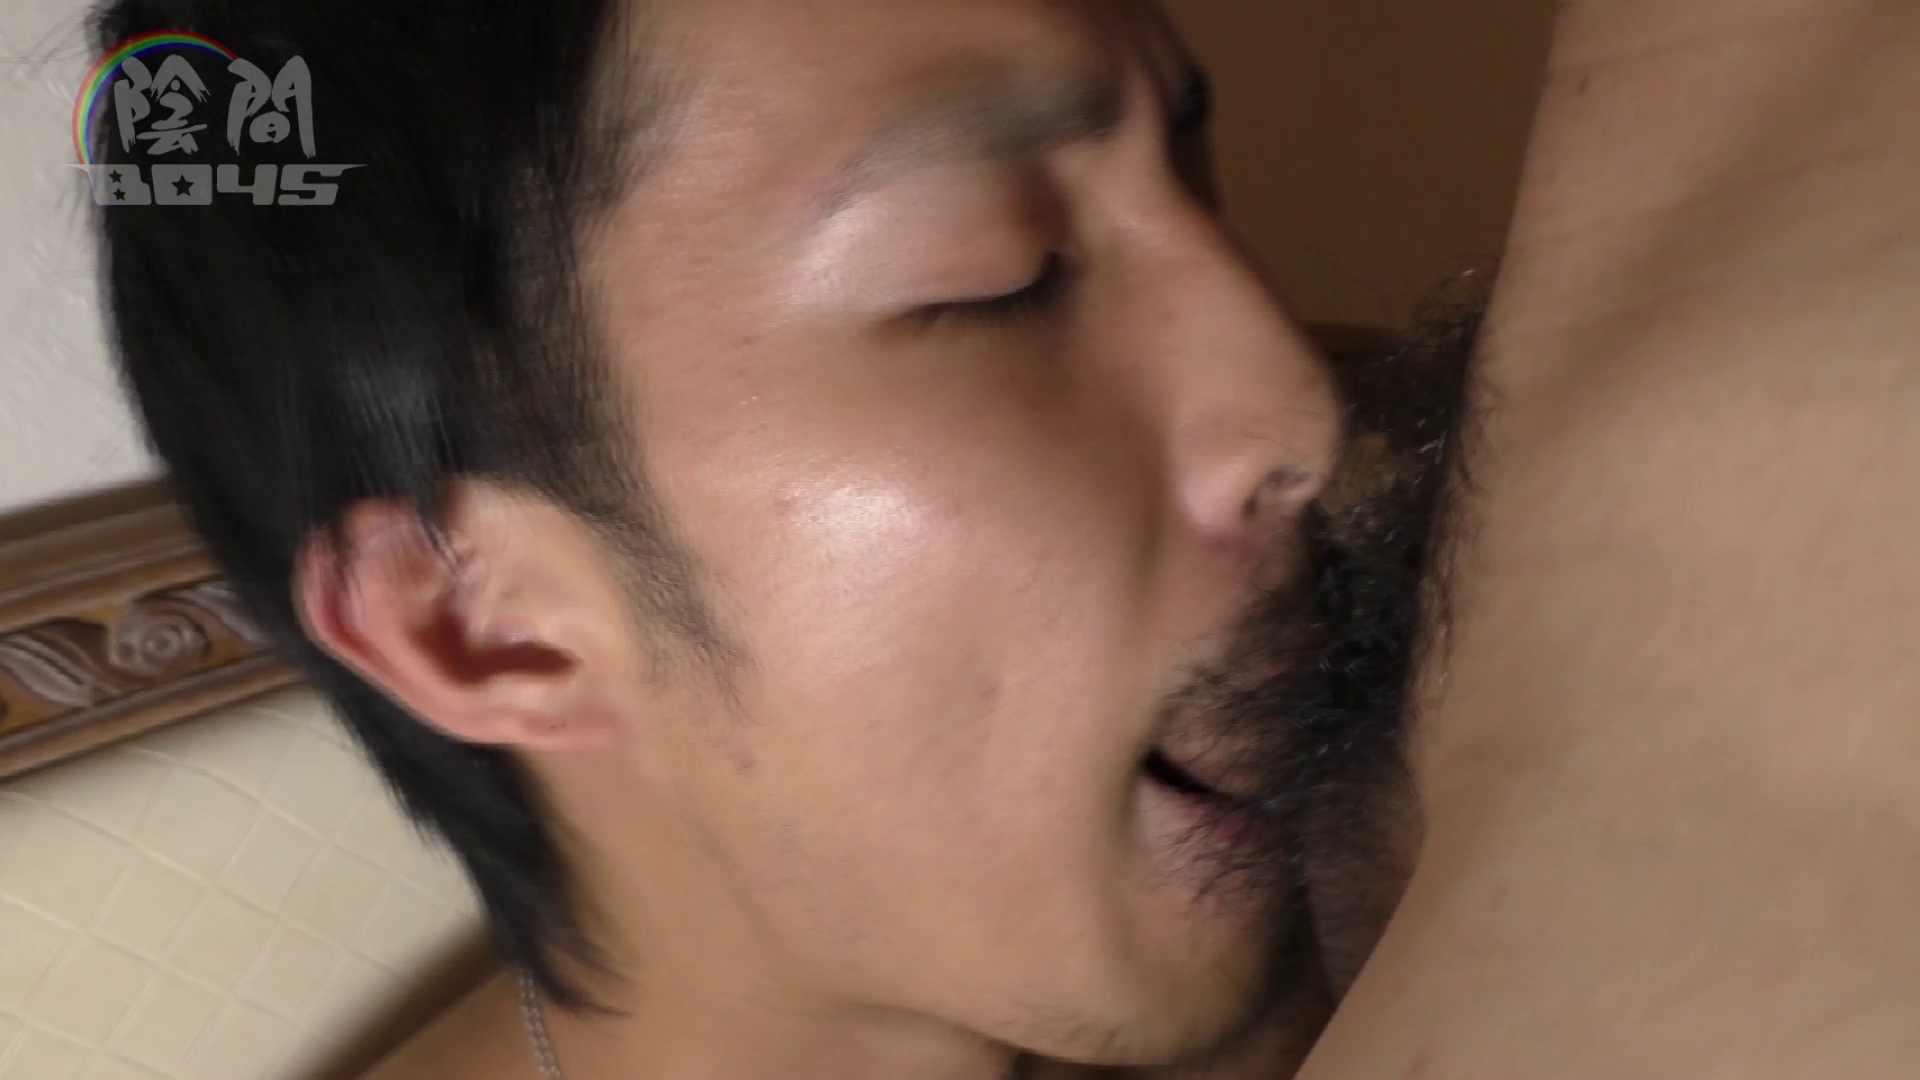 陰間BOYS~「アナルだけは許して…2」~04 アナル舐め舐め ゲイアダルト画像 60pic 55